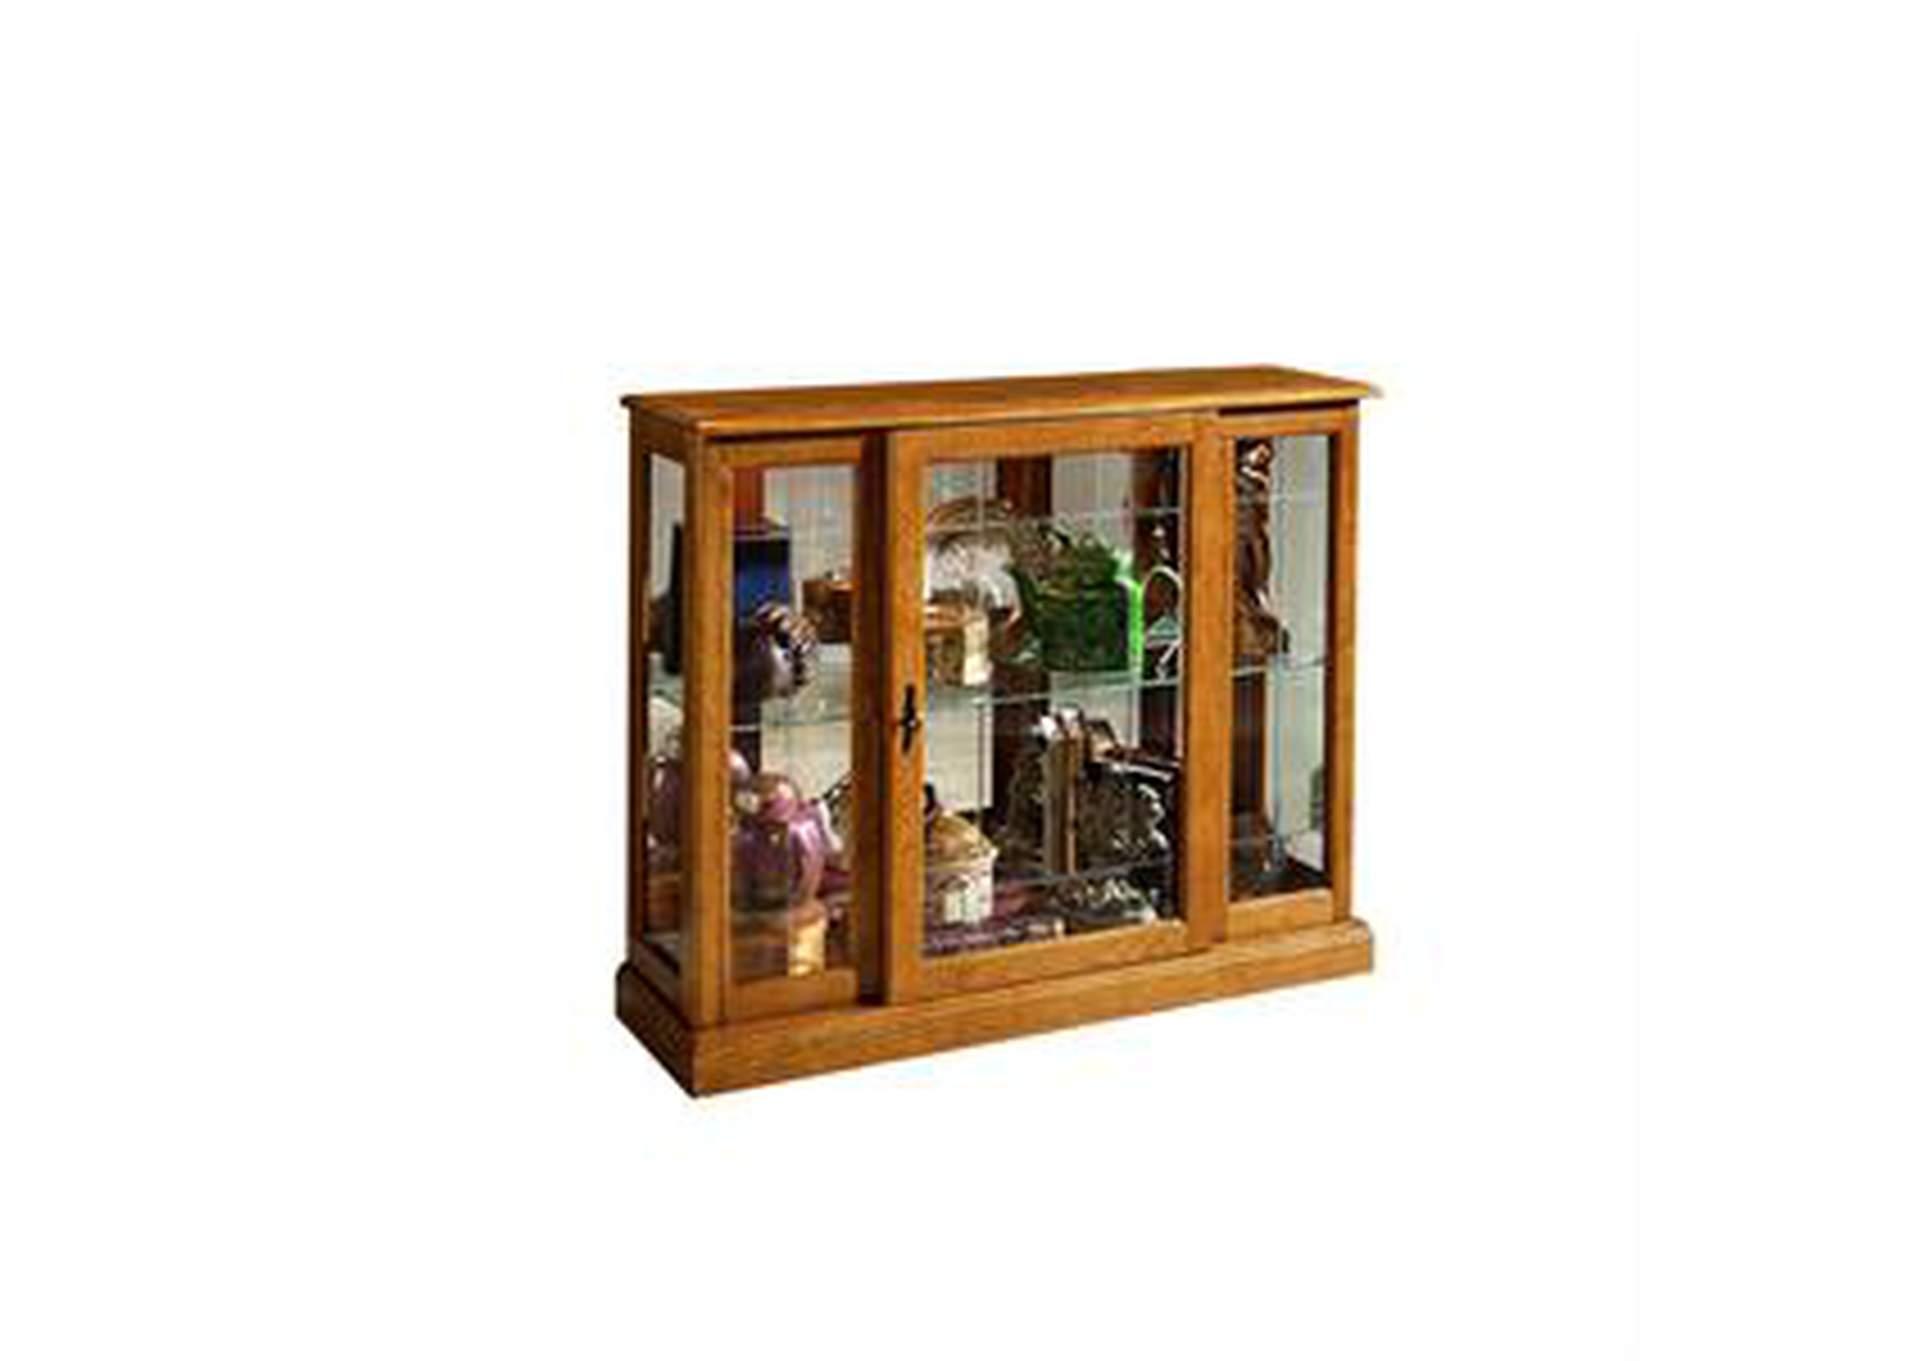 Console Pulaski Furniture. Woods Furniture Gallery   Granbury  TX Console